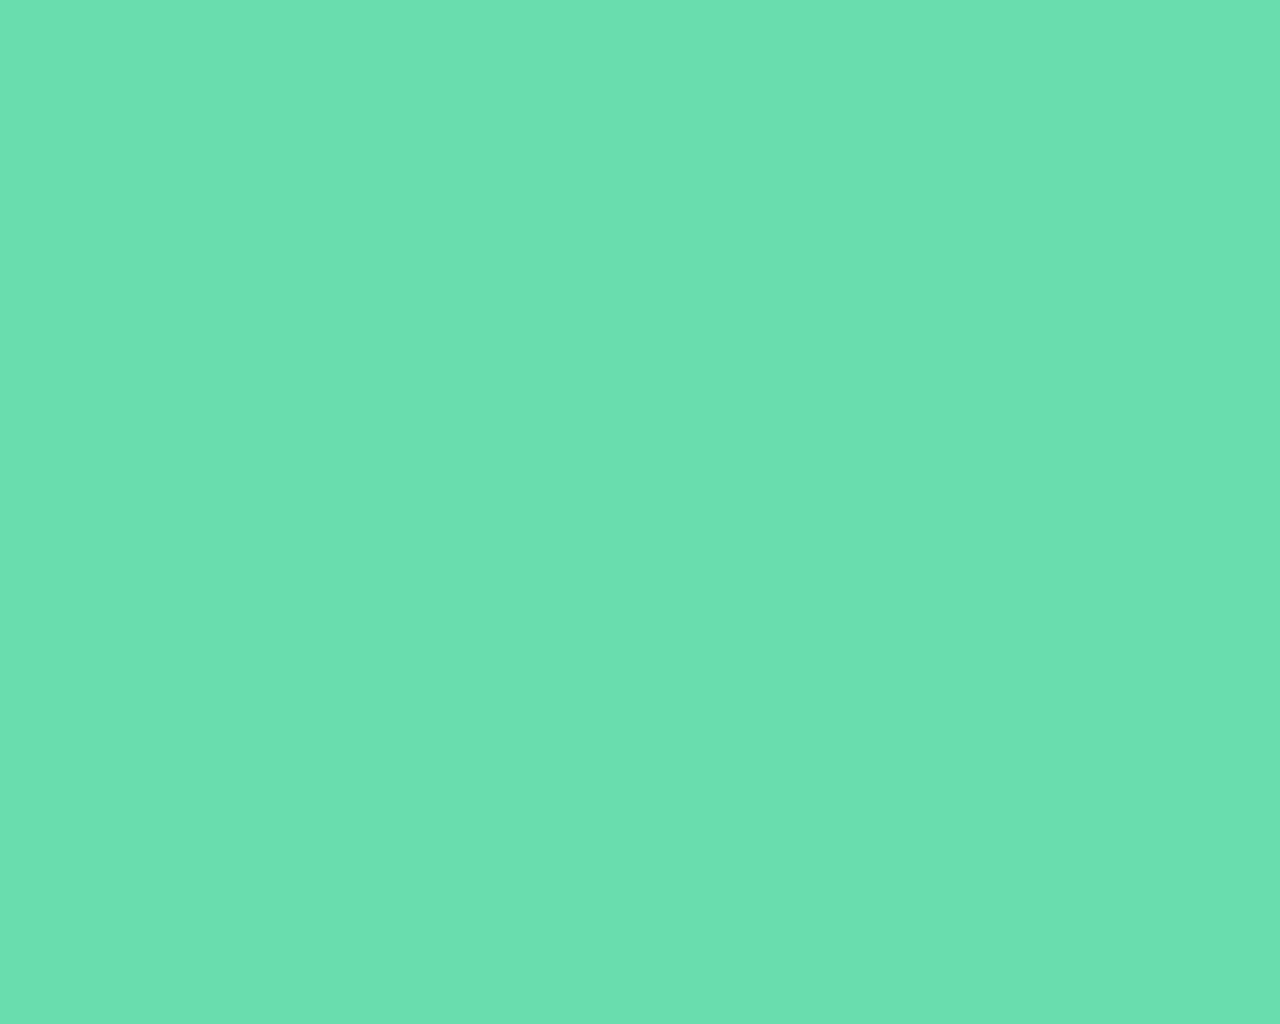 1280x1024 Medium Aquamarine Solid Color Background